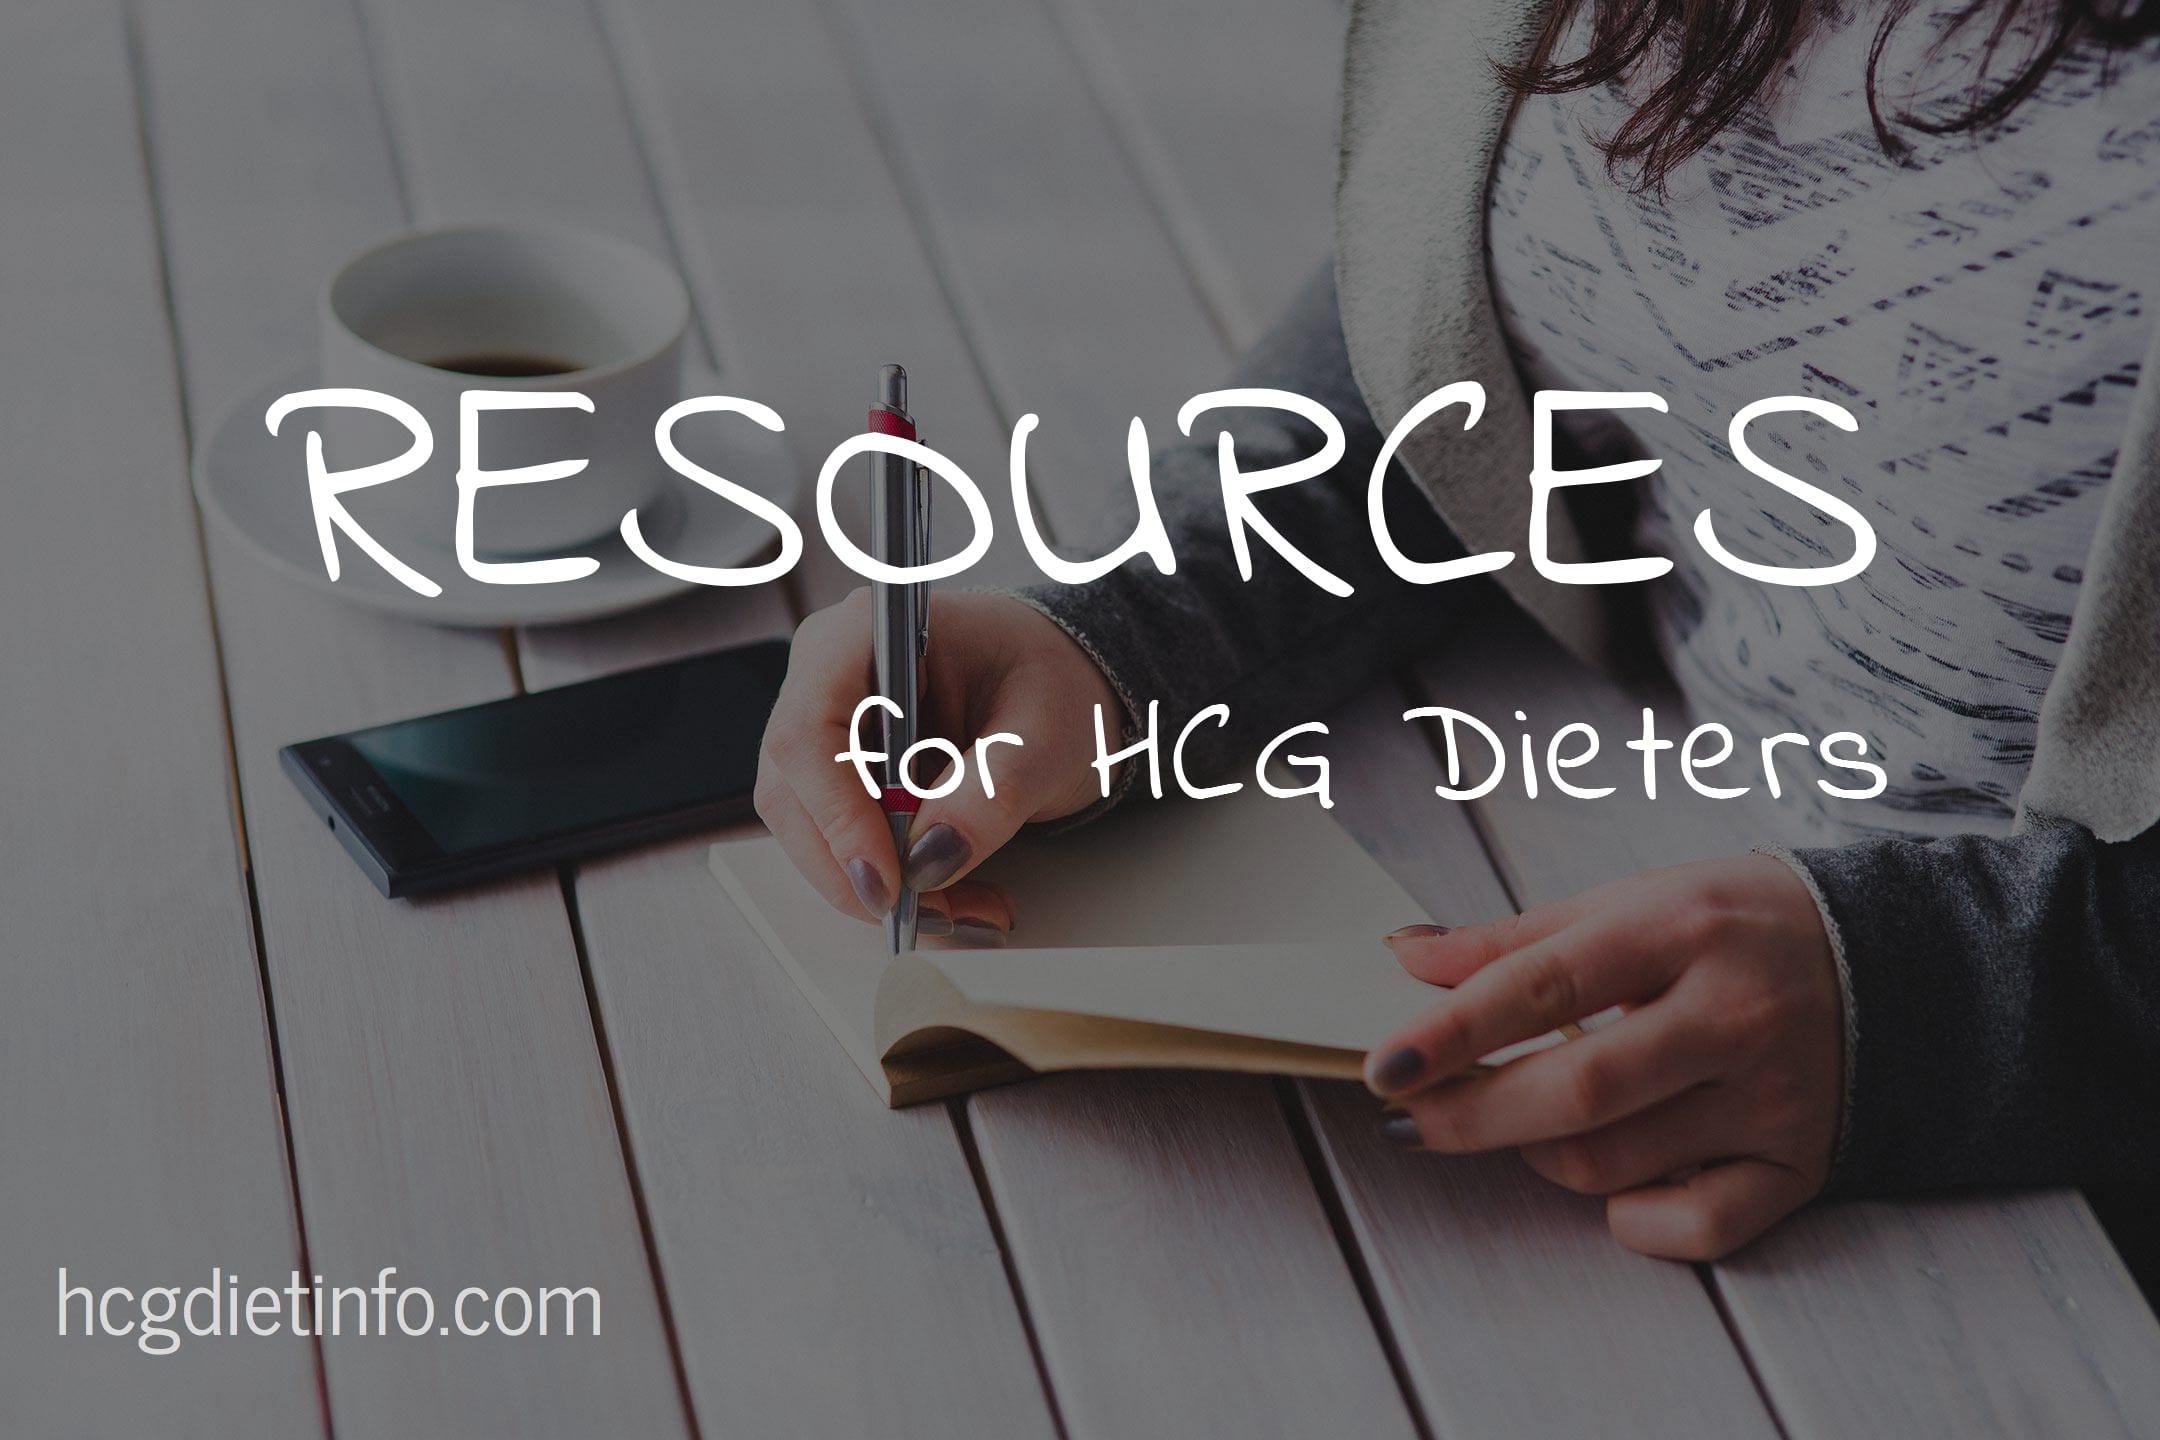 Hcg diet tracker spreadsheet on hcg diet info hcg diet tracker spreadsheet nvjuhfo Image collections